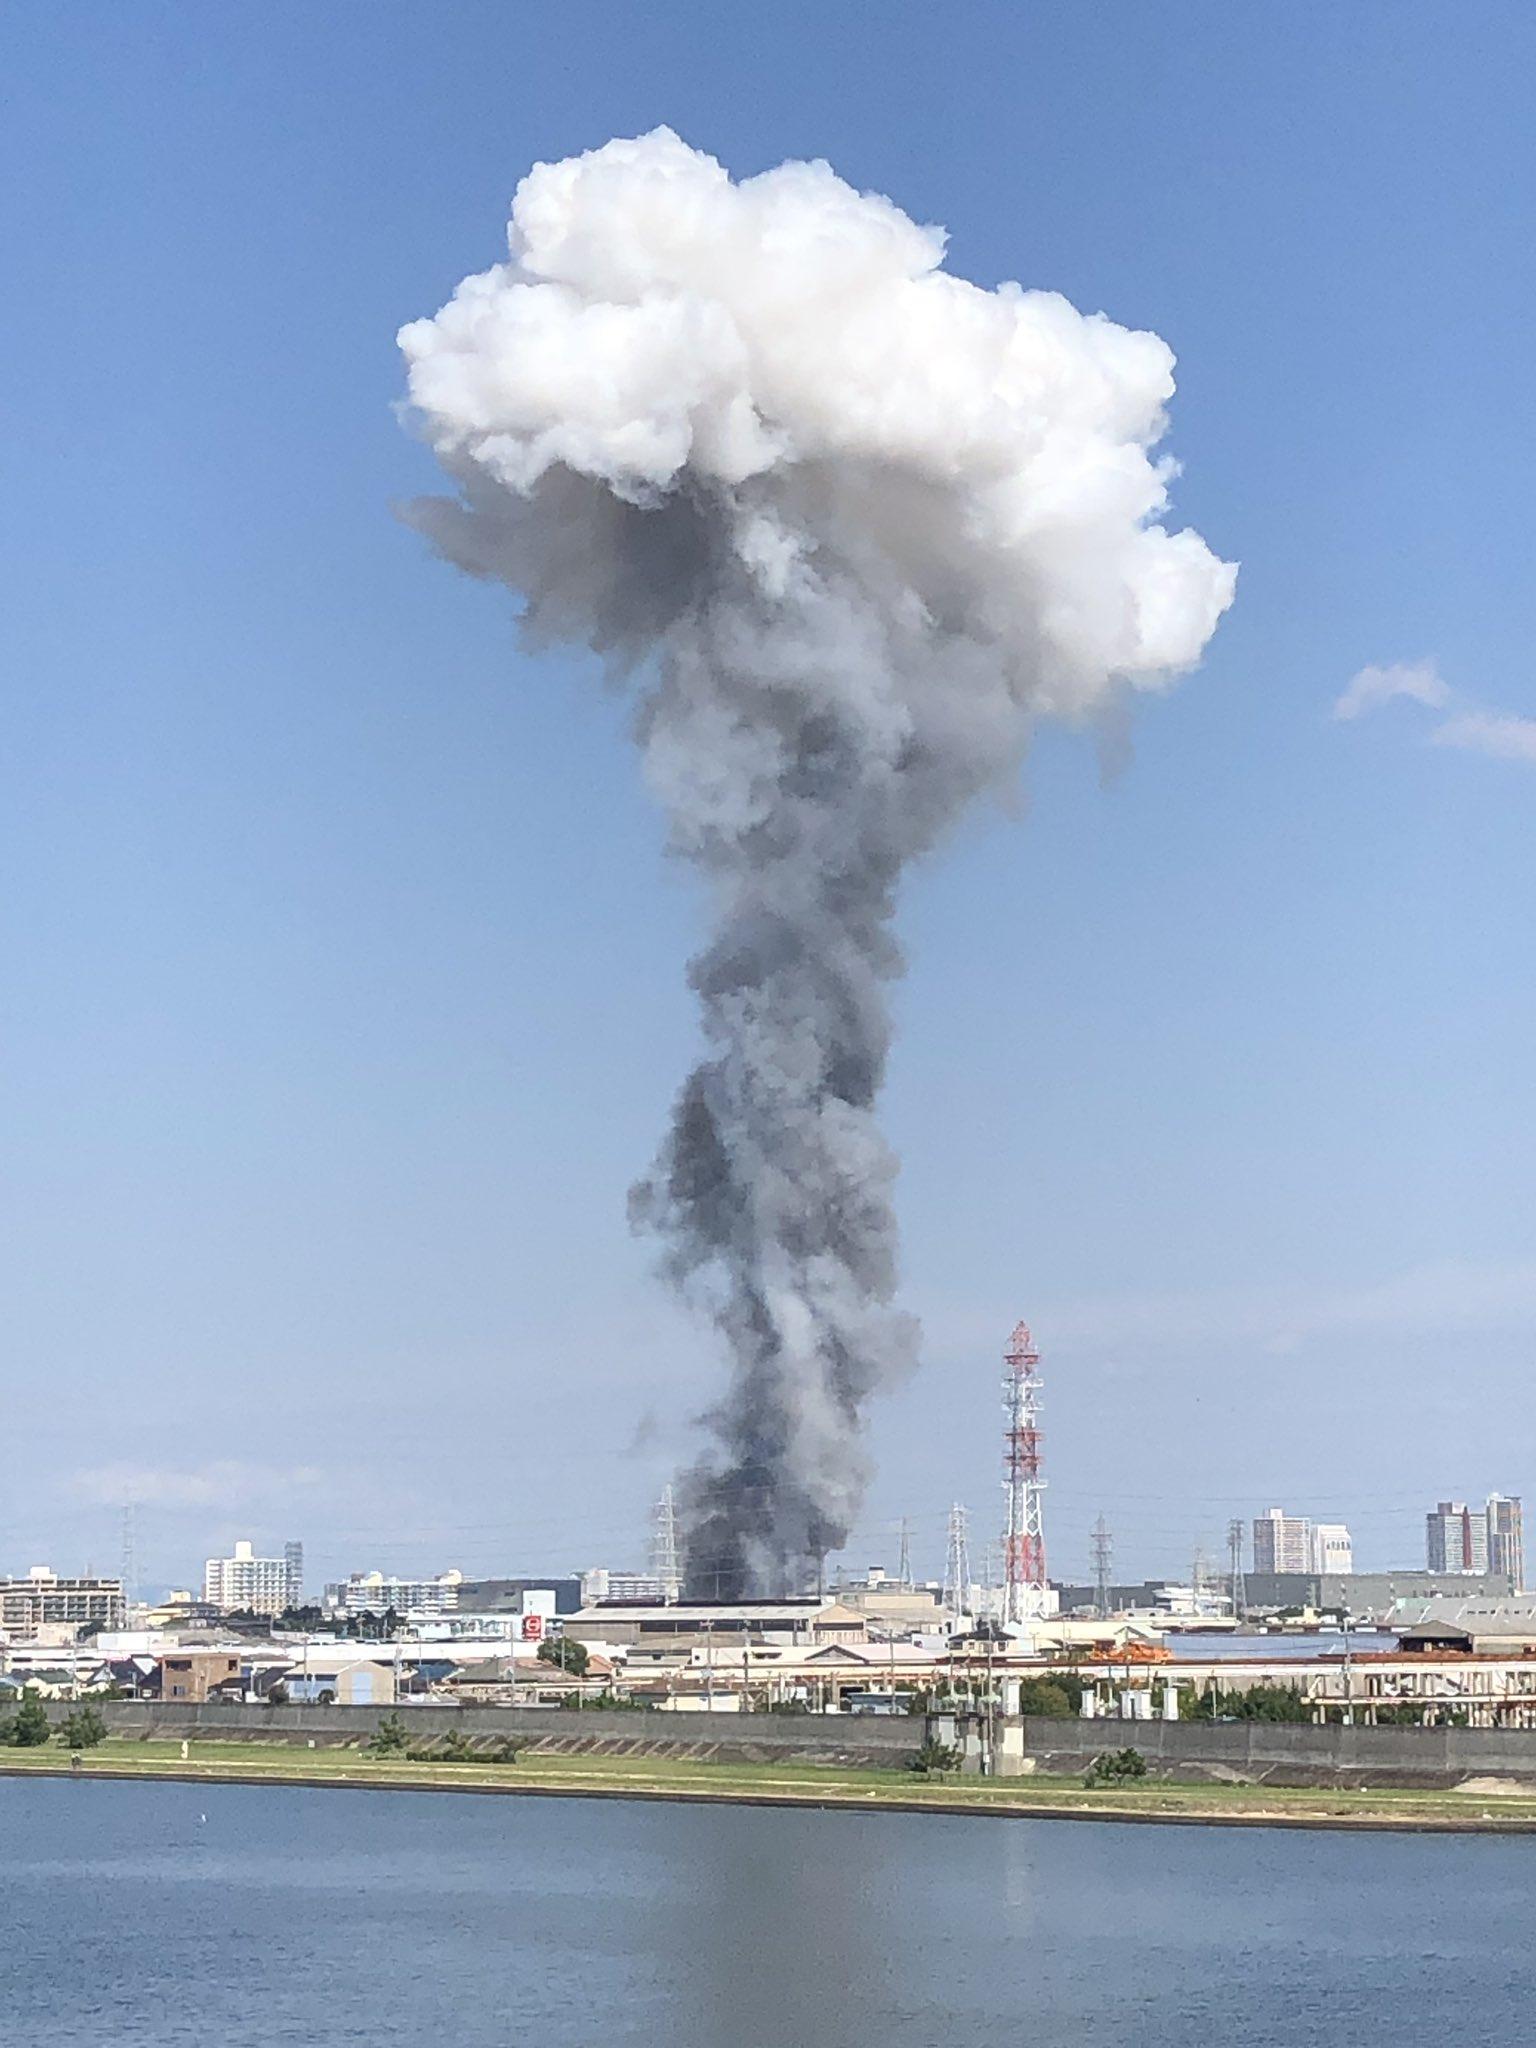 尼崎市元浜町の工場の火事でキノコ雲が発生している画像